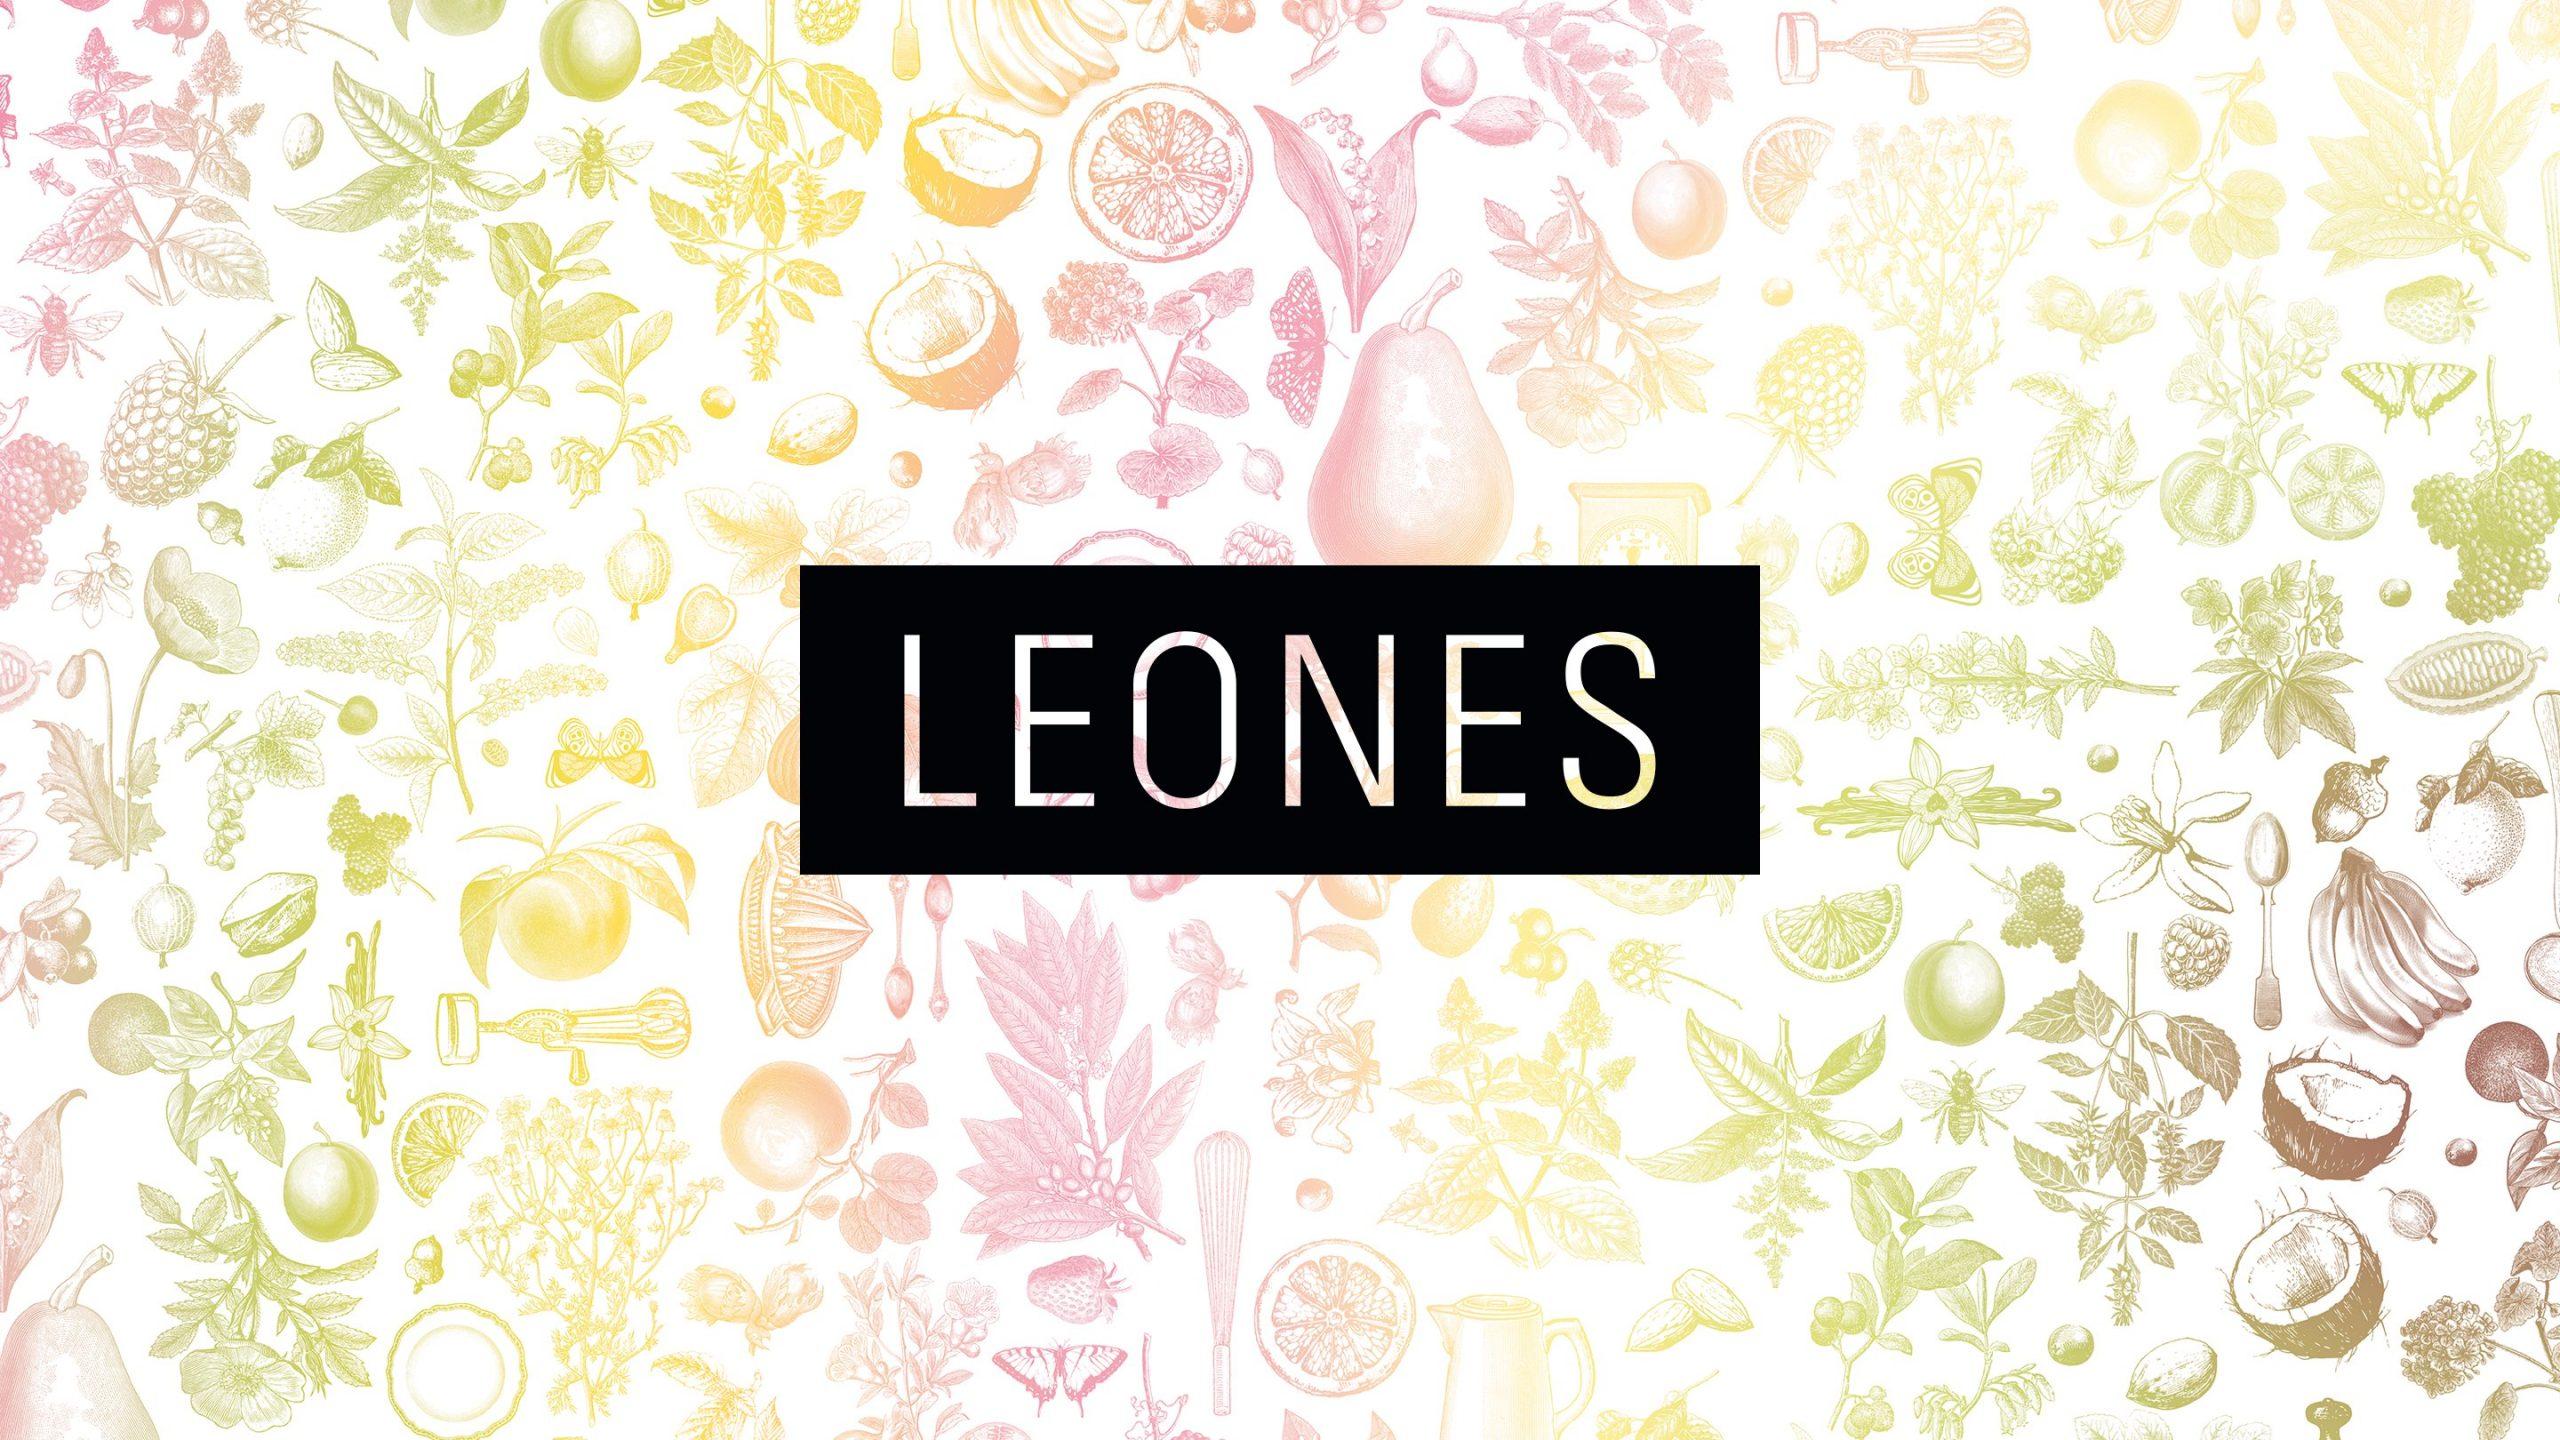 Leones Logo auf Patternhintergrund